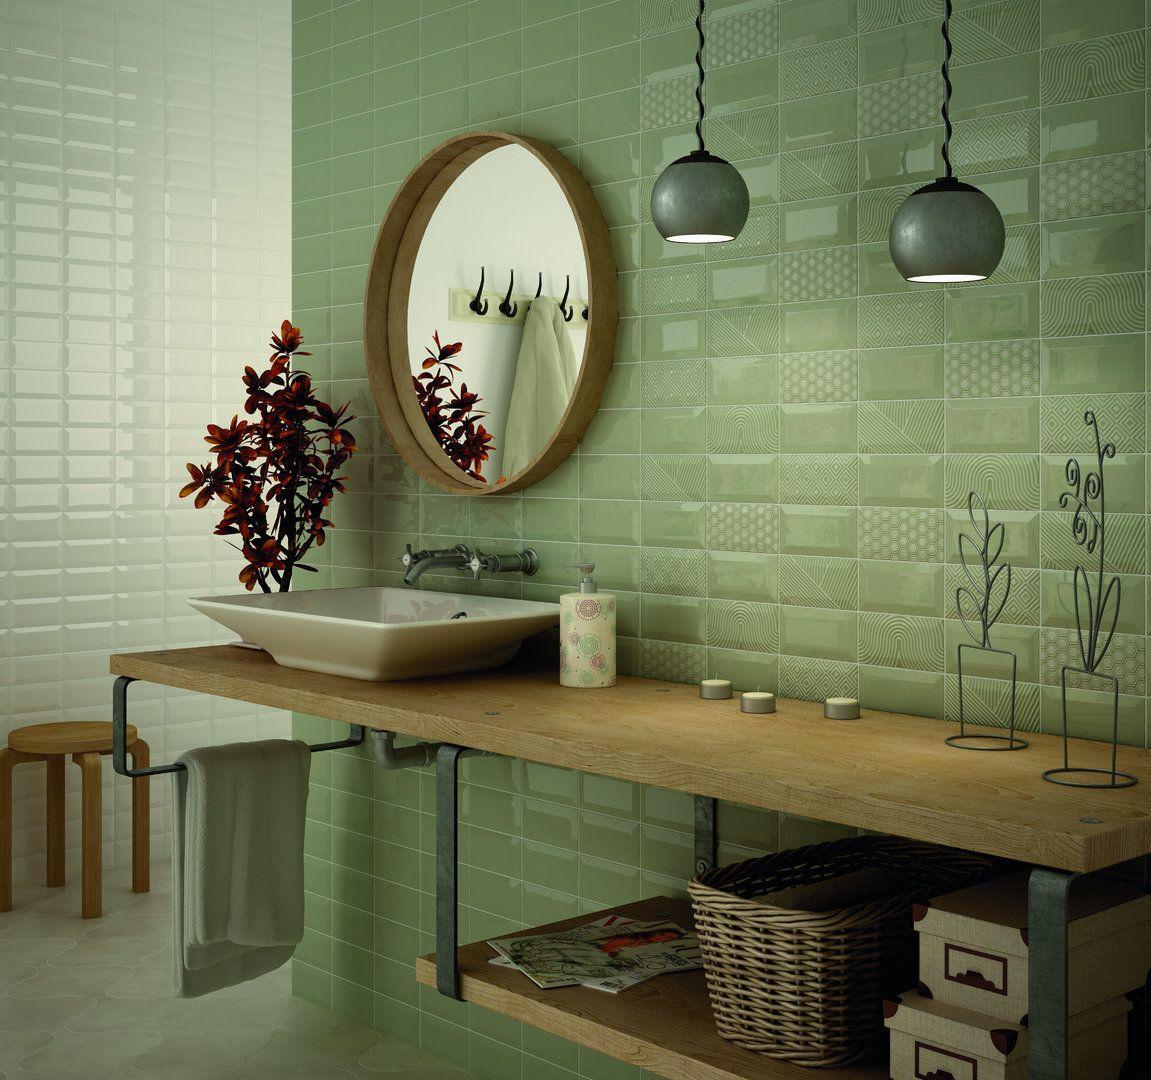 Wandfliese Equipe Metro Olive Glanzend 7 5x15 Cm Wandfliesen Kuche Runde Badezimmerspiegel Badezimmer Dekor